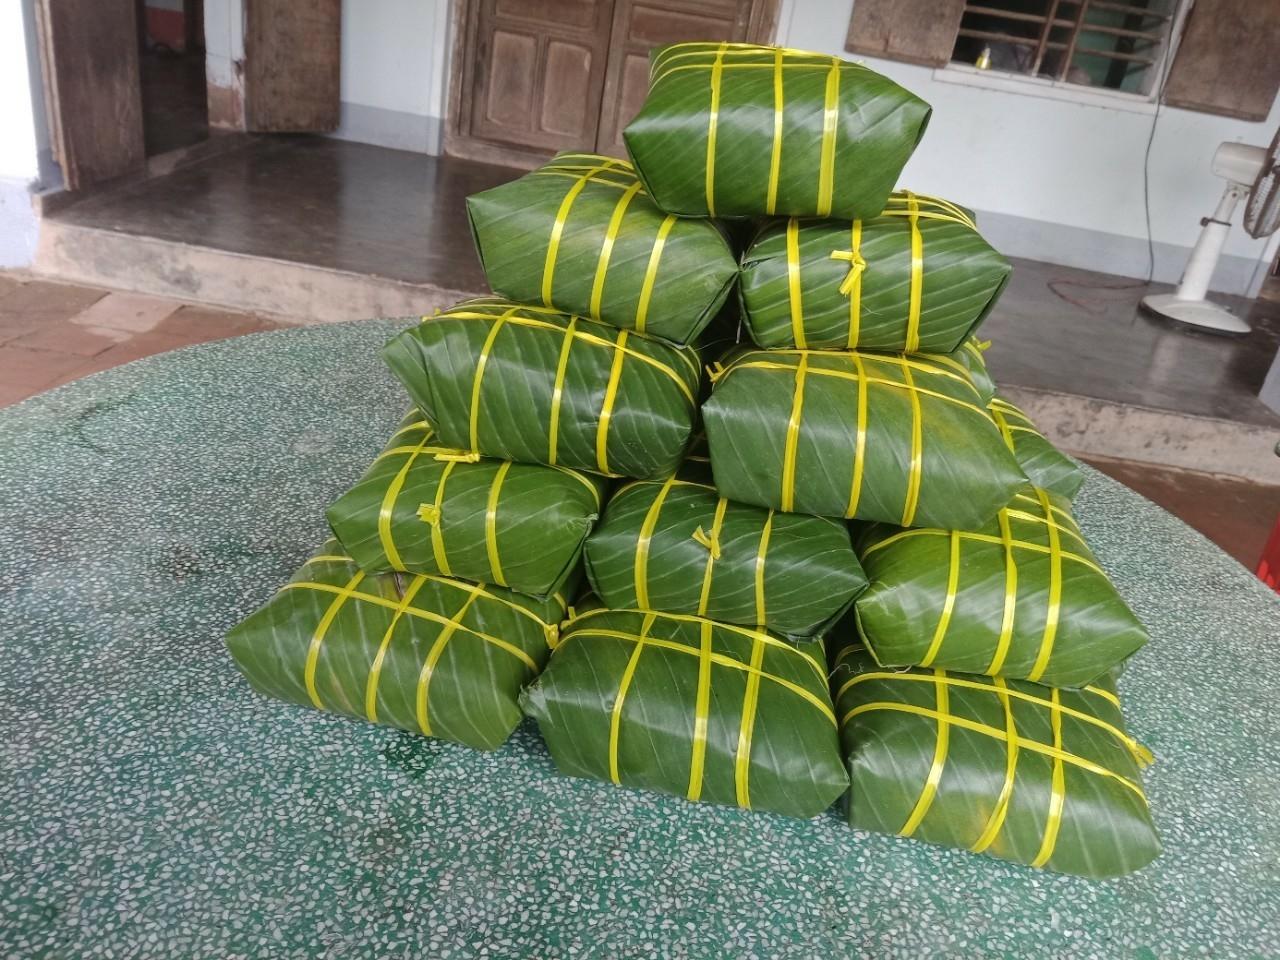 Bánh Chưng chị Mật - Ưu tiên giao hàng trong tỉnh Bình Định